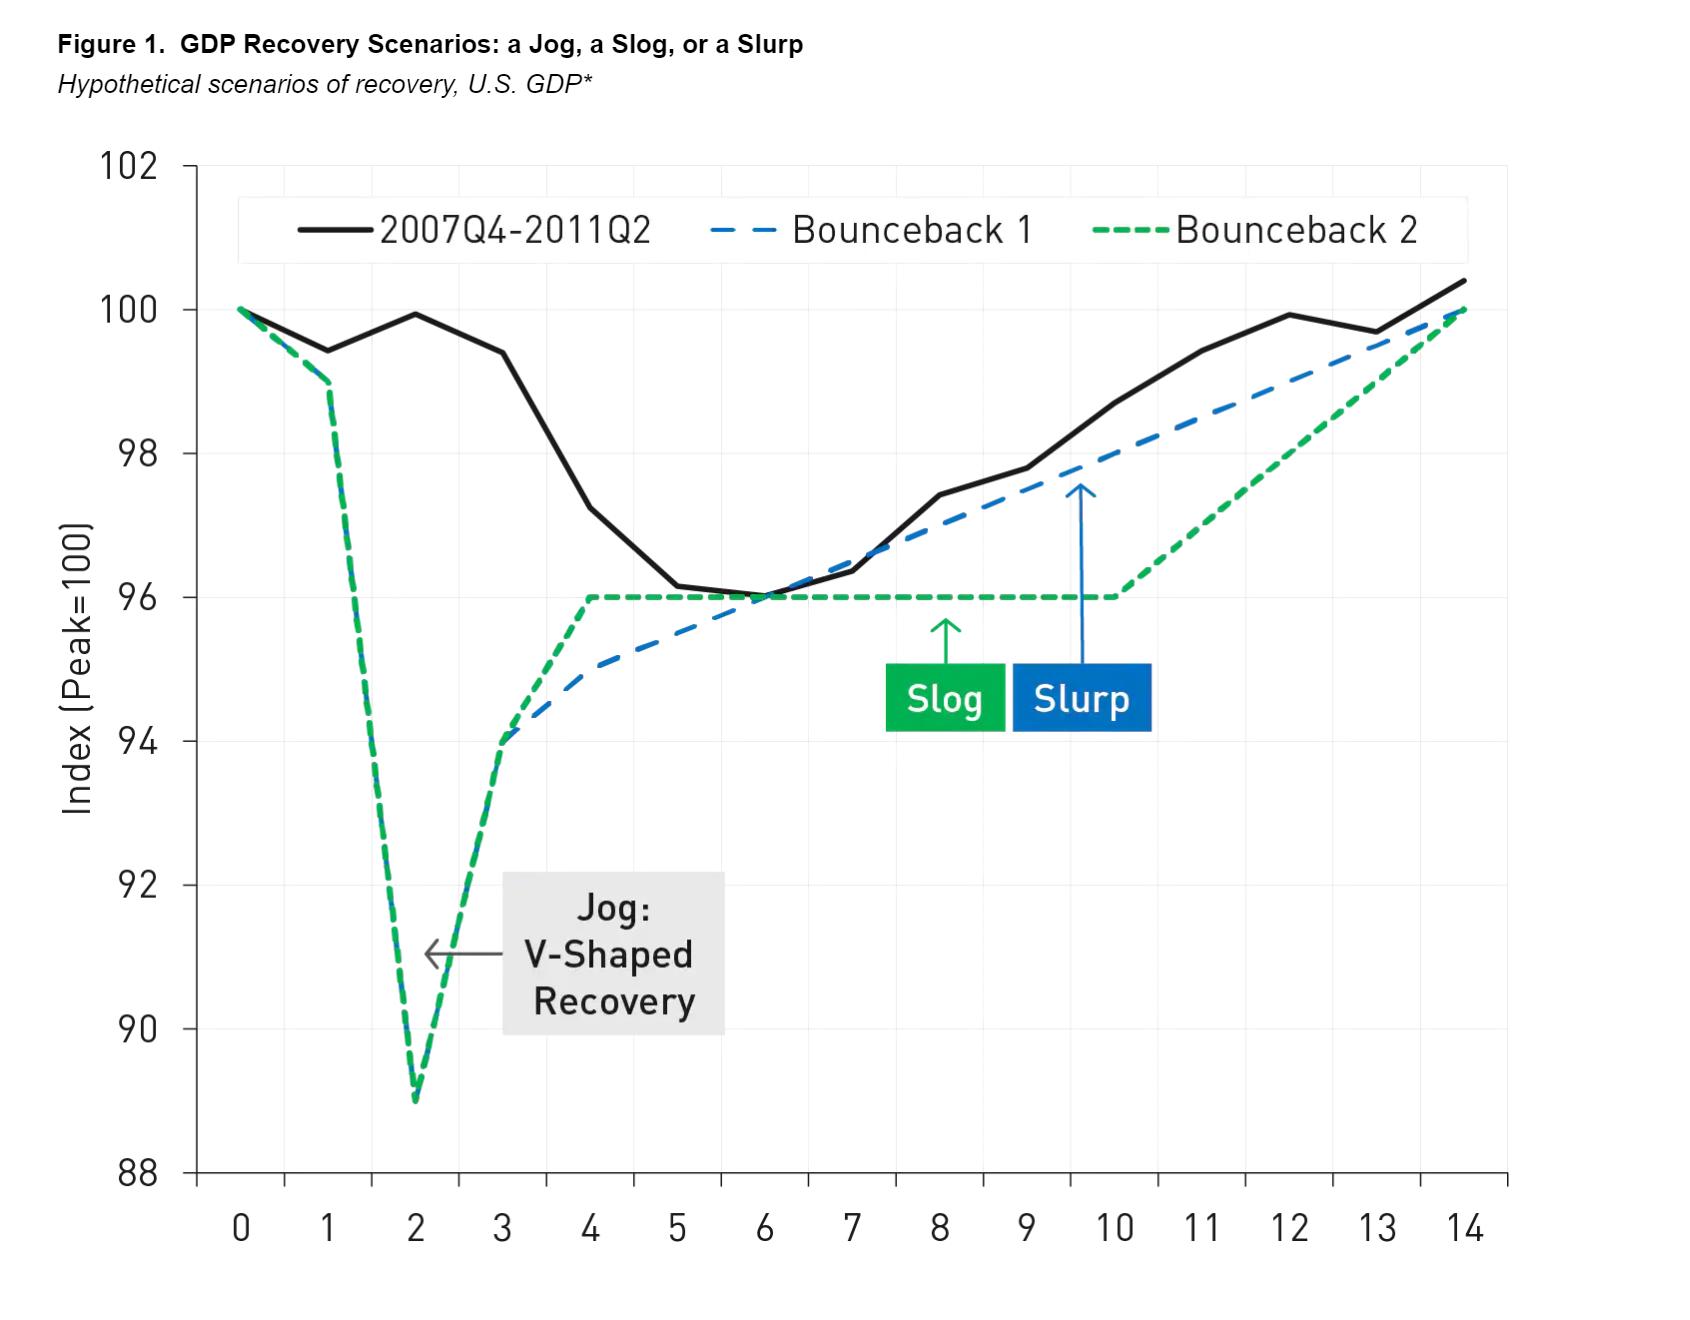 美资管巨头诺德:过早取消经济援助恐有再度衰退风险